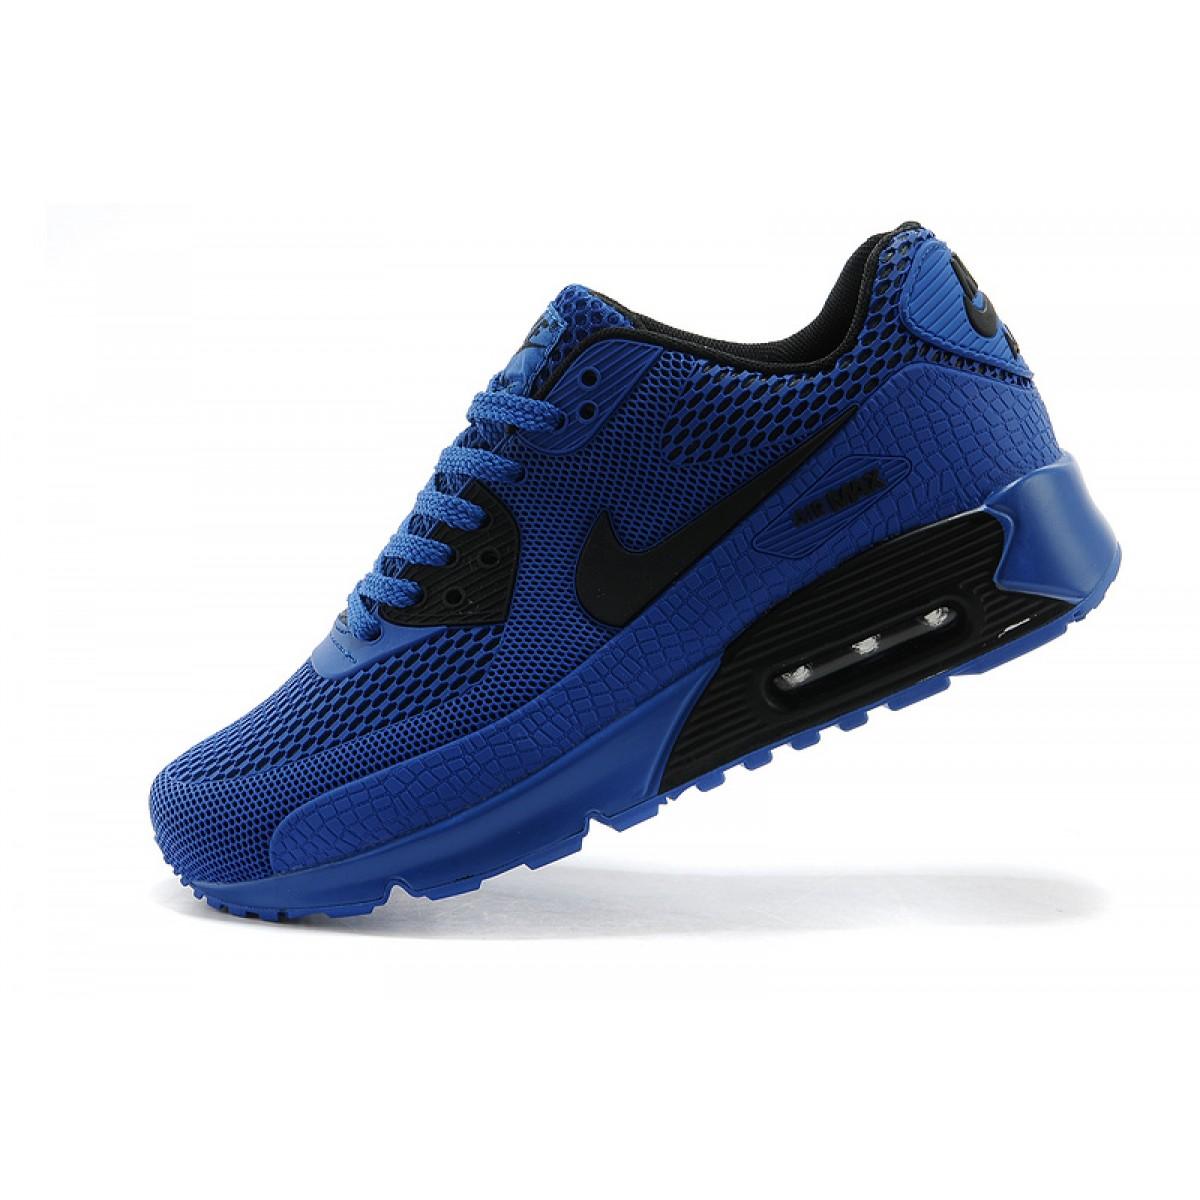 air max bleu marine